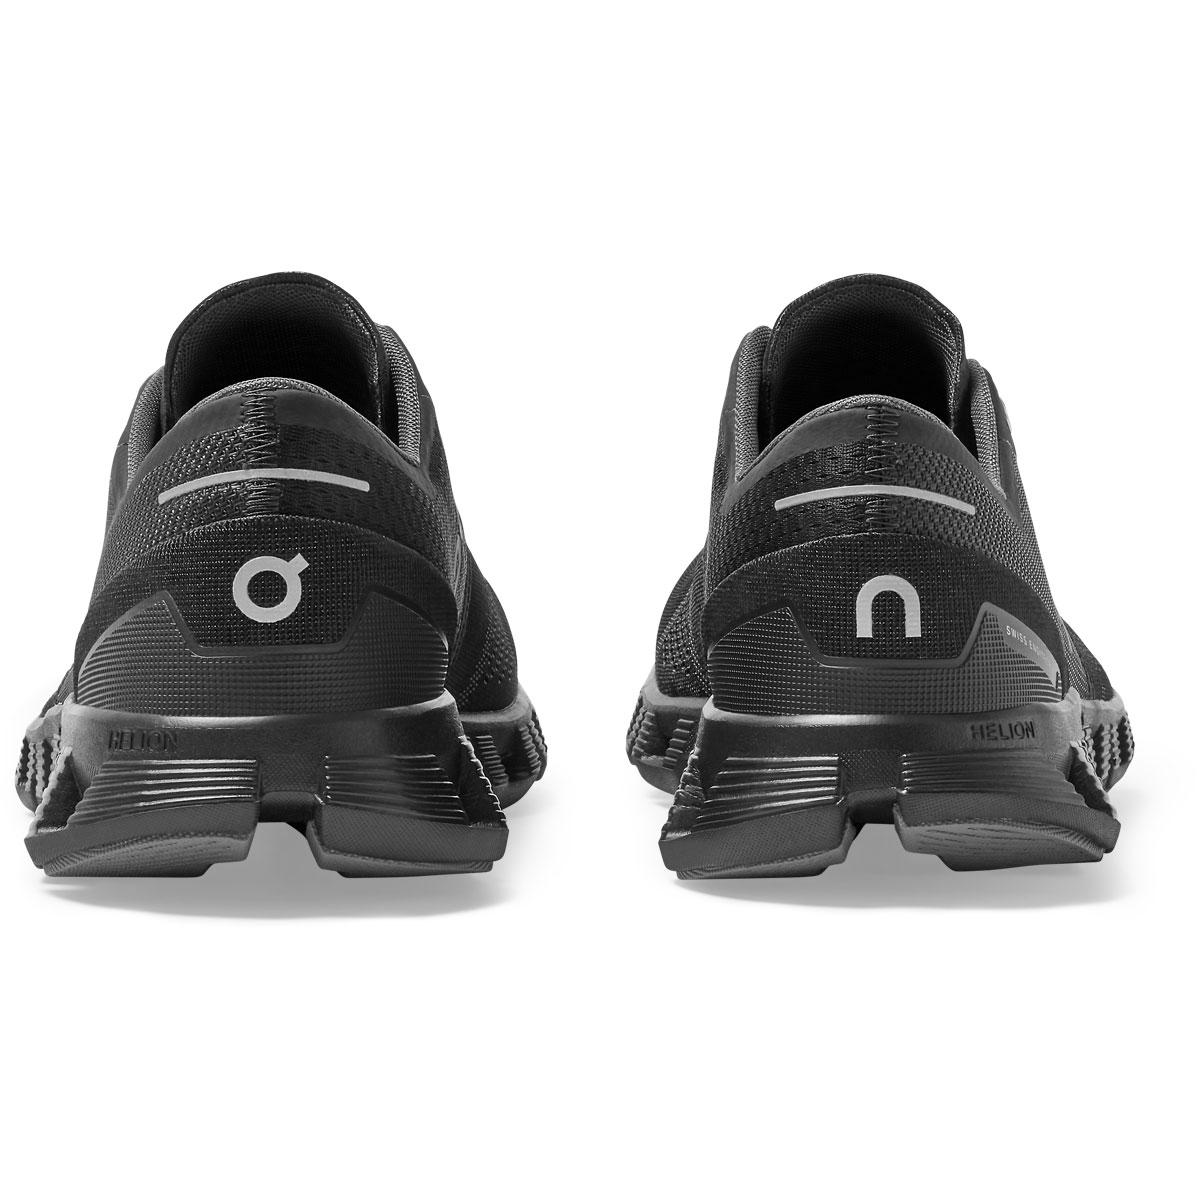 Men's On Cloud X 2.0 Running Shoe - Color: Black/Asphalt - Size: 7 - Width: Regular, Black/Asphalt, large, image 5